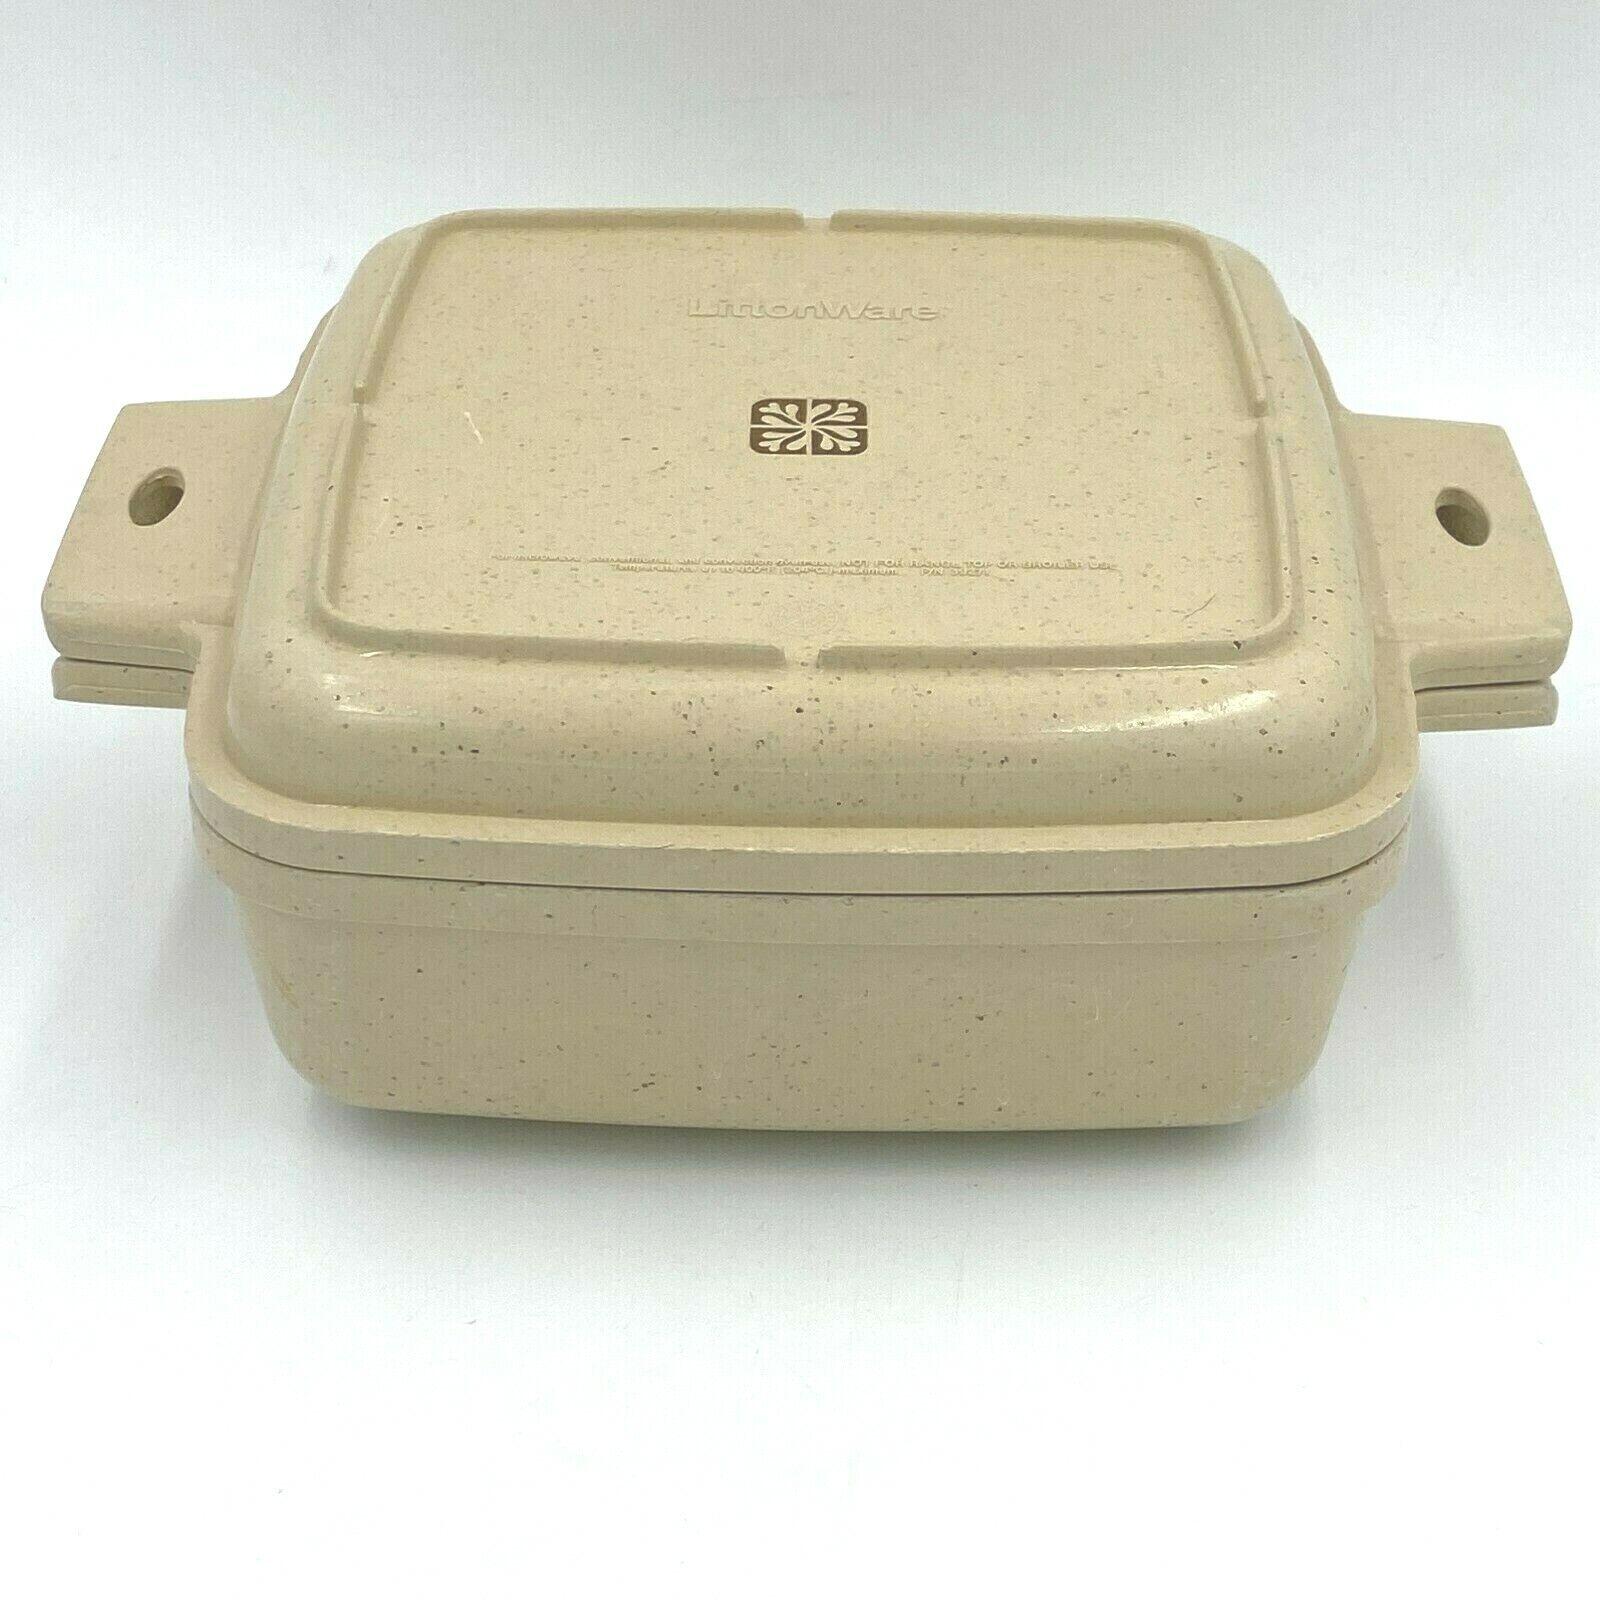 vintage littonware microwave 1 5 qt casserole dish 39271 bowl 39272 lid no crack